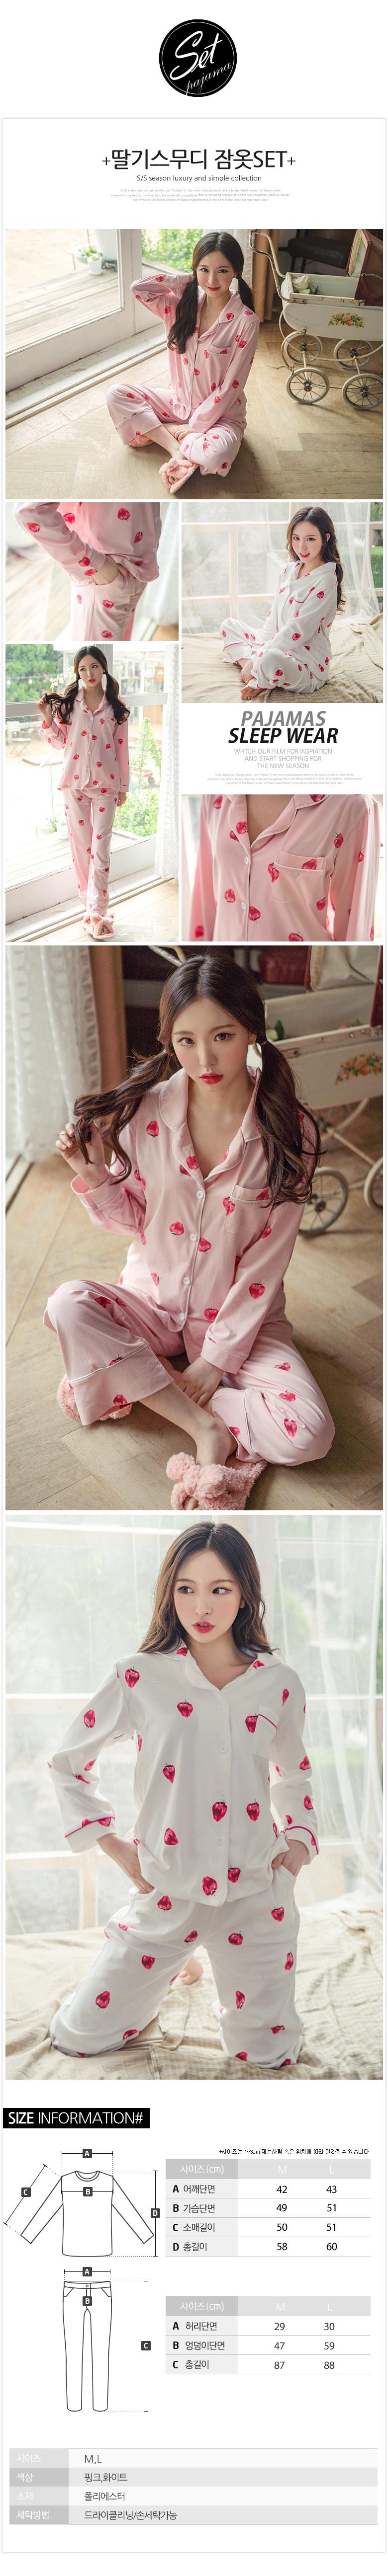 딸기스무디 잠옷세트 홈웨어 - 로로걸, 28,900원, 잠옷, 여성파자마